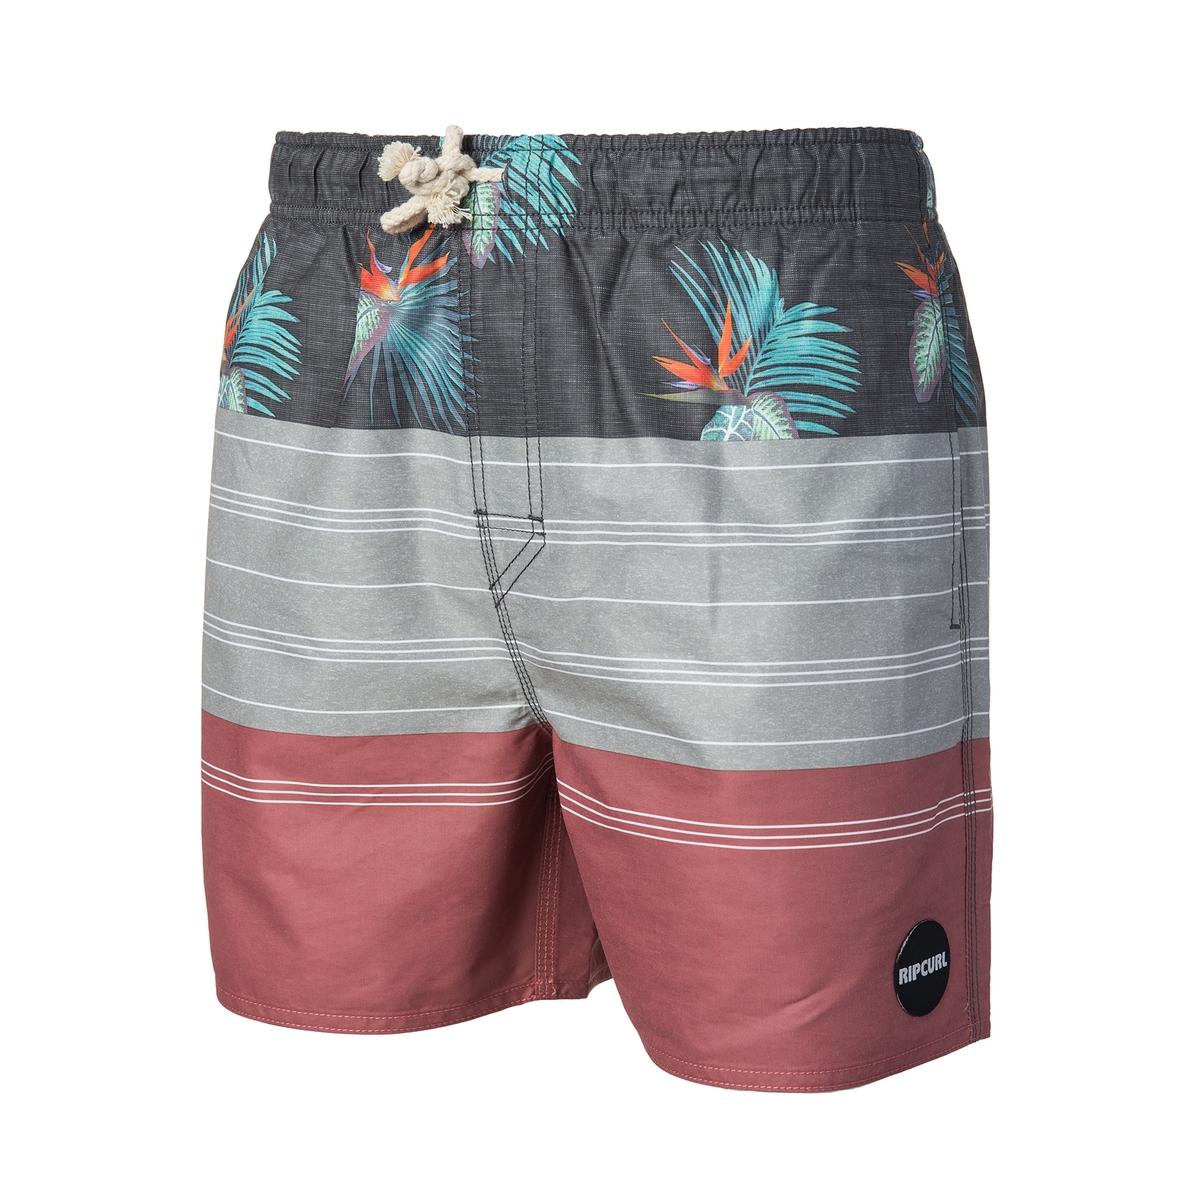 Шорты пляжные с рисунком шорты пляжные женские rip curl mirage active boardshort peach